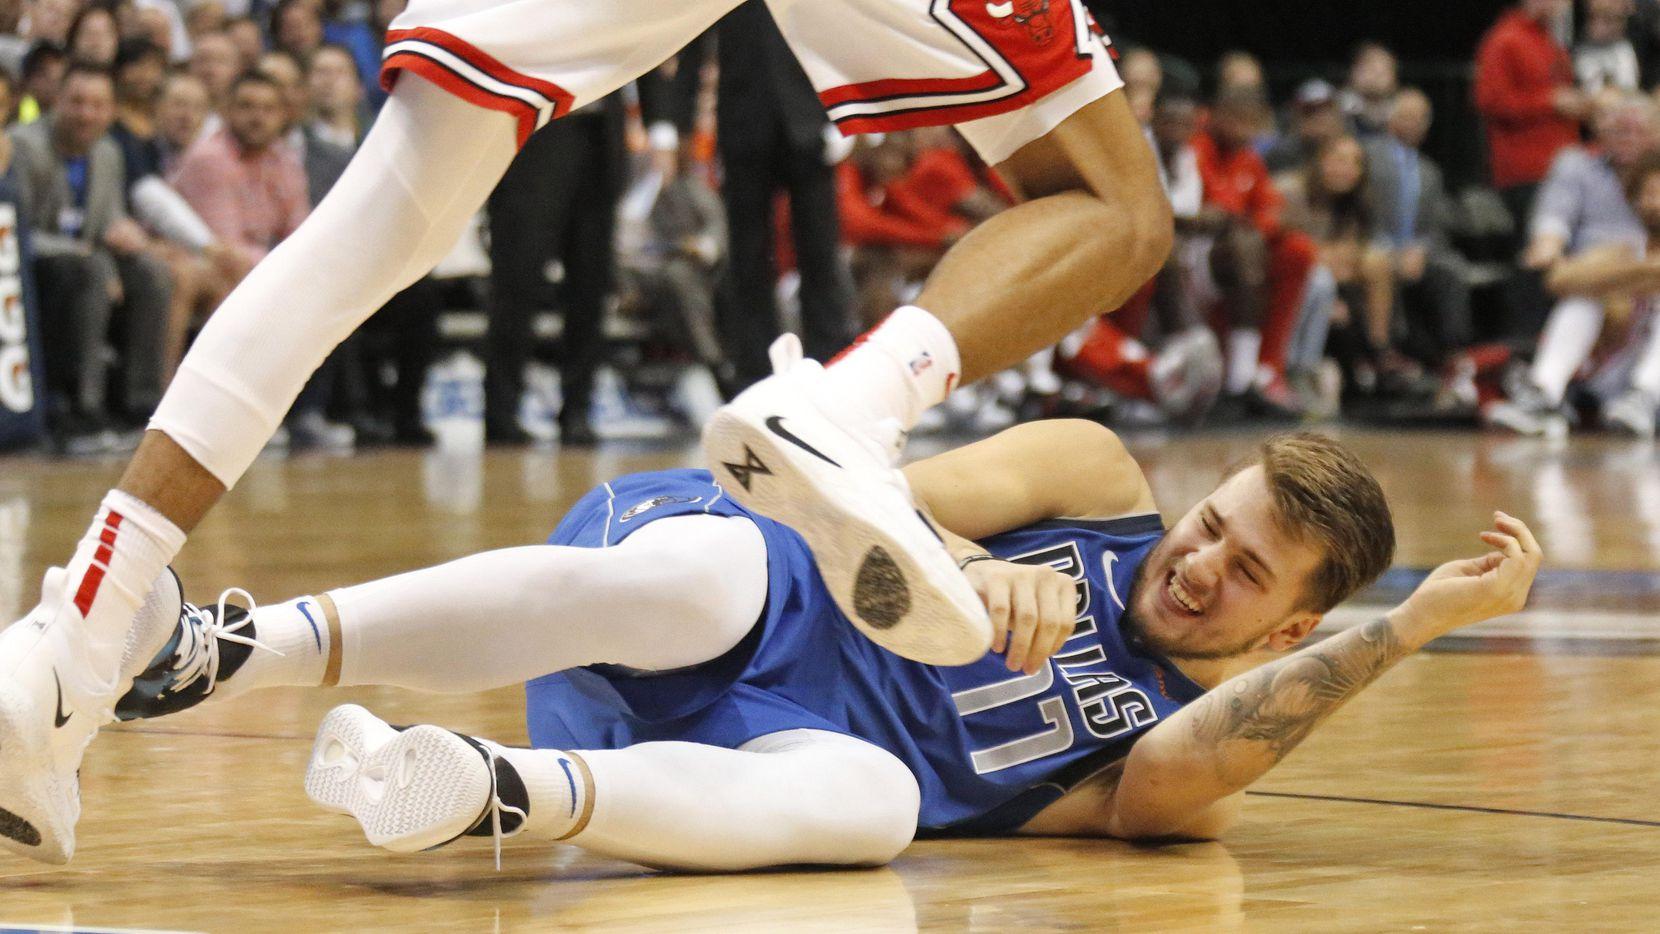 Luka Doncic (77) mostró algo más que su habilidad física en la victoria de los Mavs sobre los Bulls el lunes en Dallas. (DMN/Louis DeLuca)